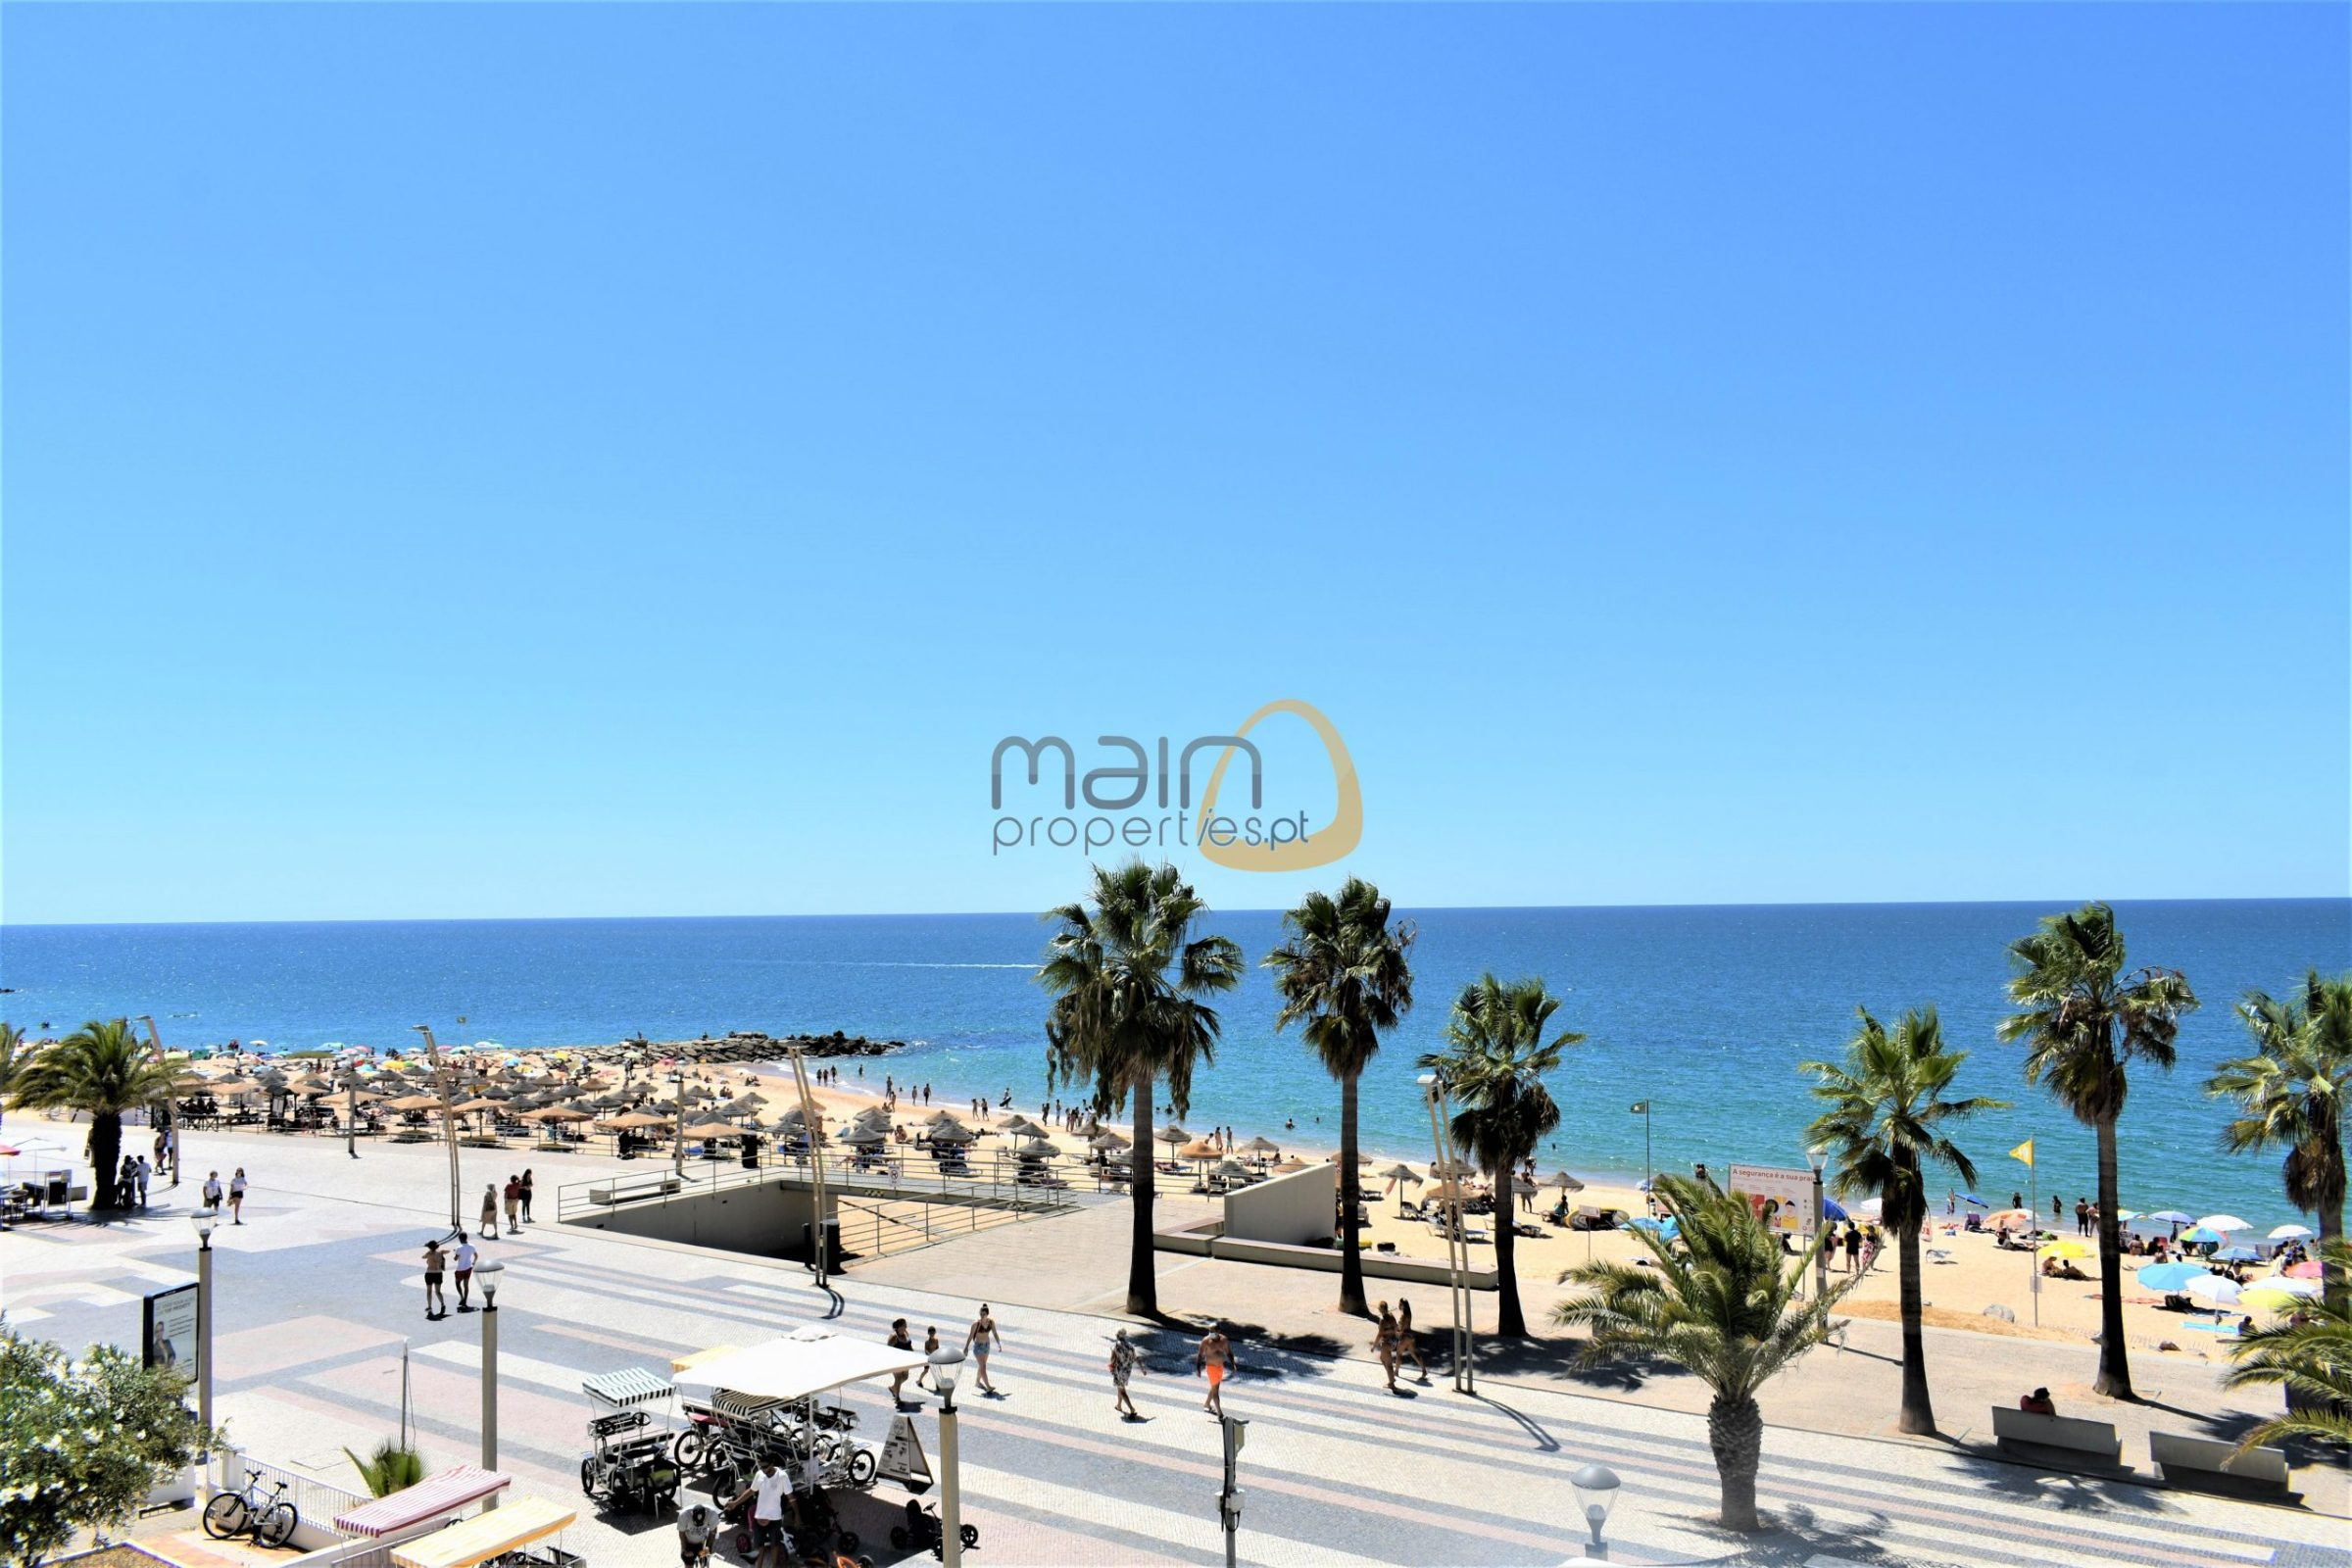 Apartamento com 3 quartos e frente mar situado na praia de Quarteira :: MP156NV